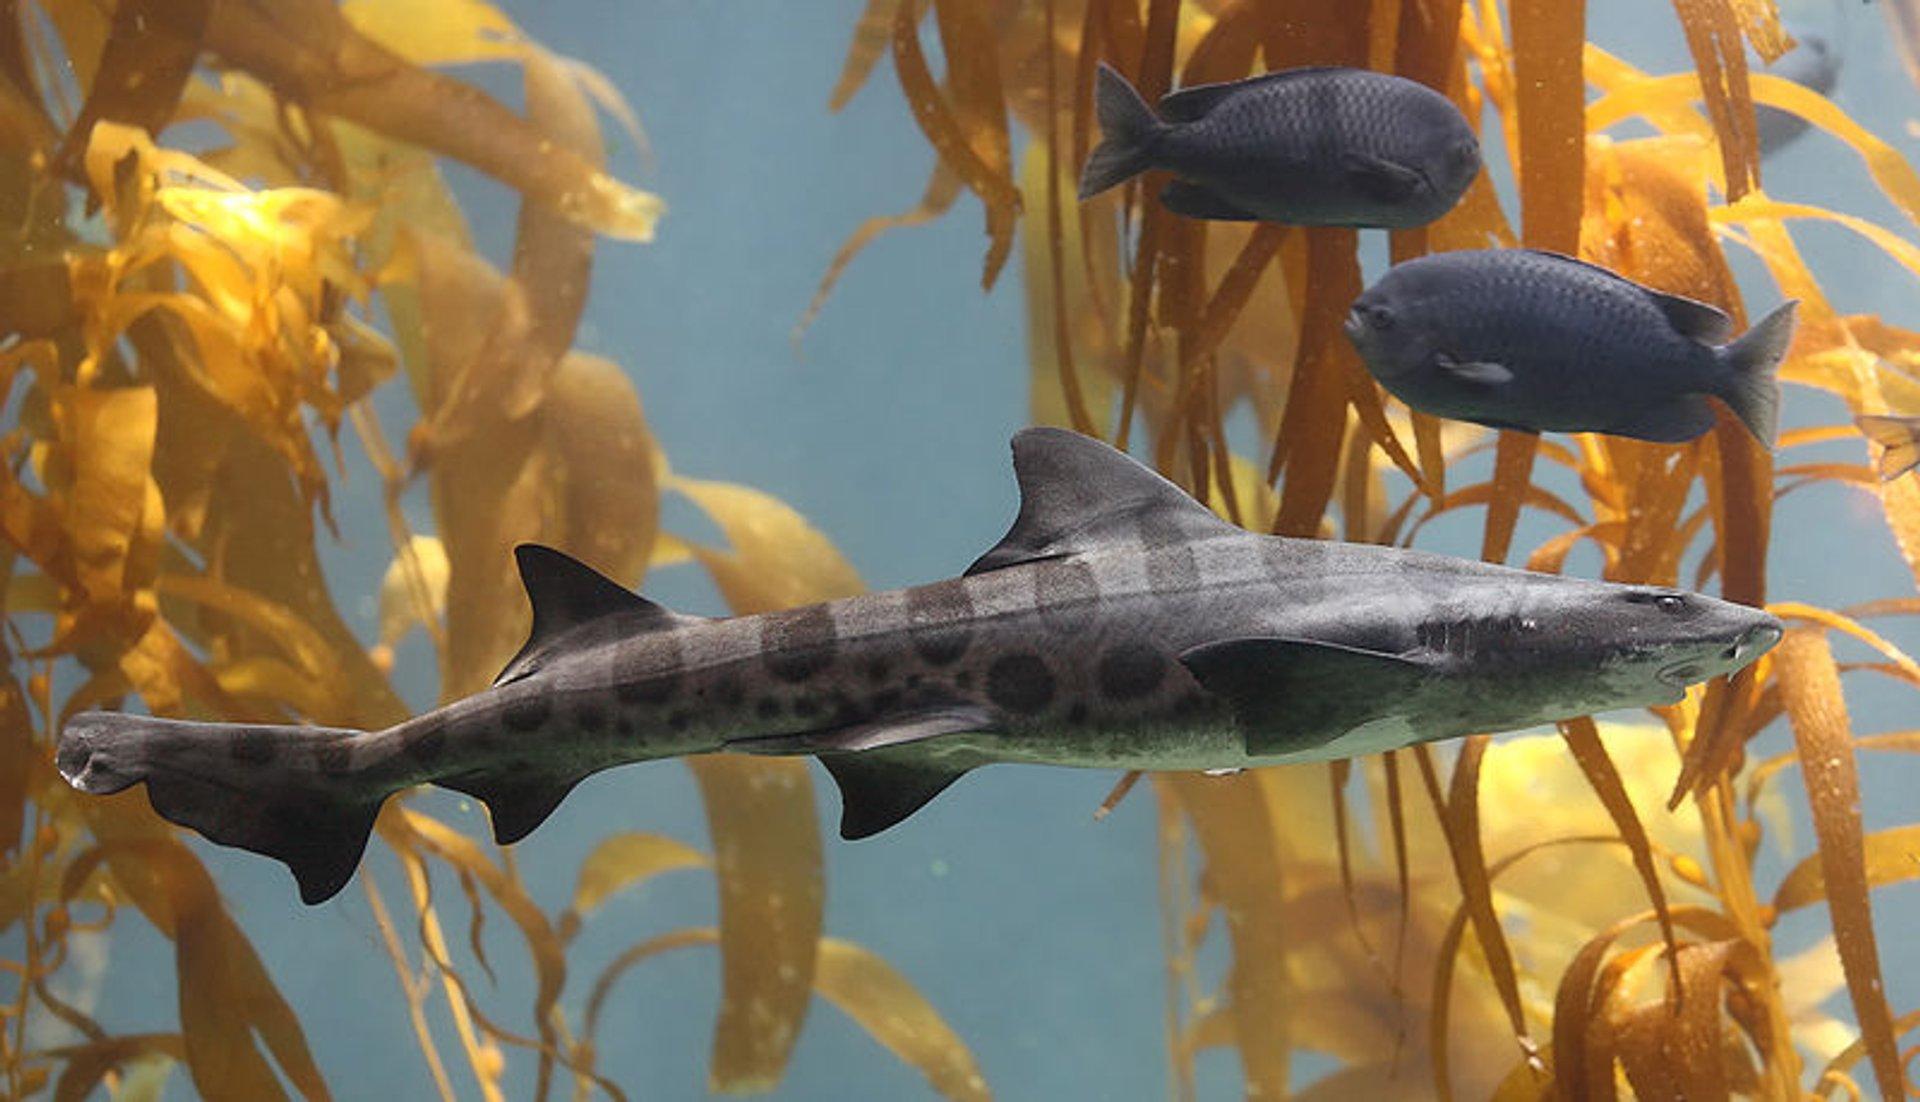 Snorkeling with Leopard Sharks at La Jolla in San Diego - Best Season 2020